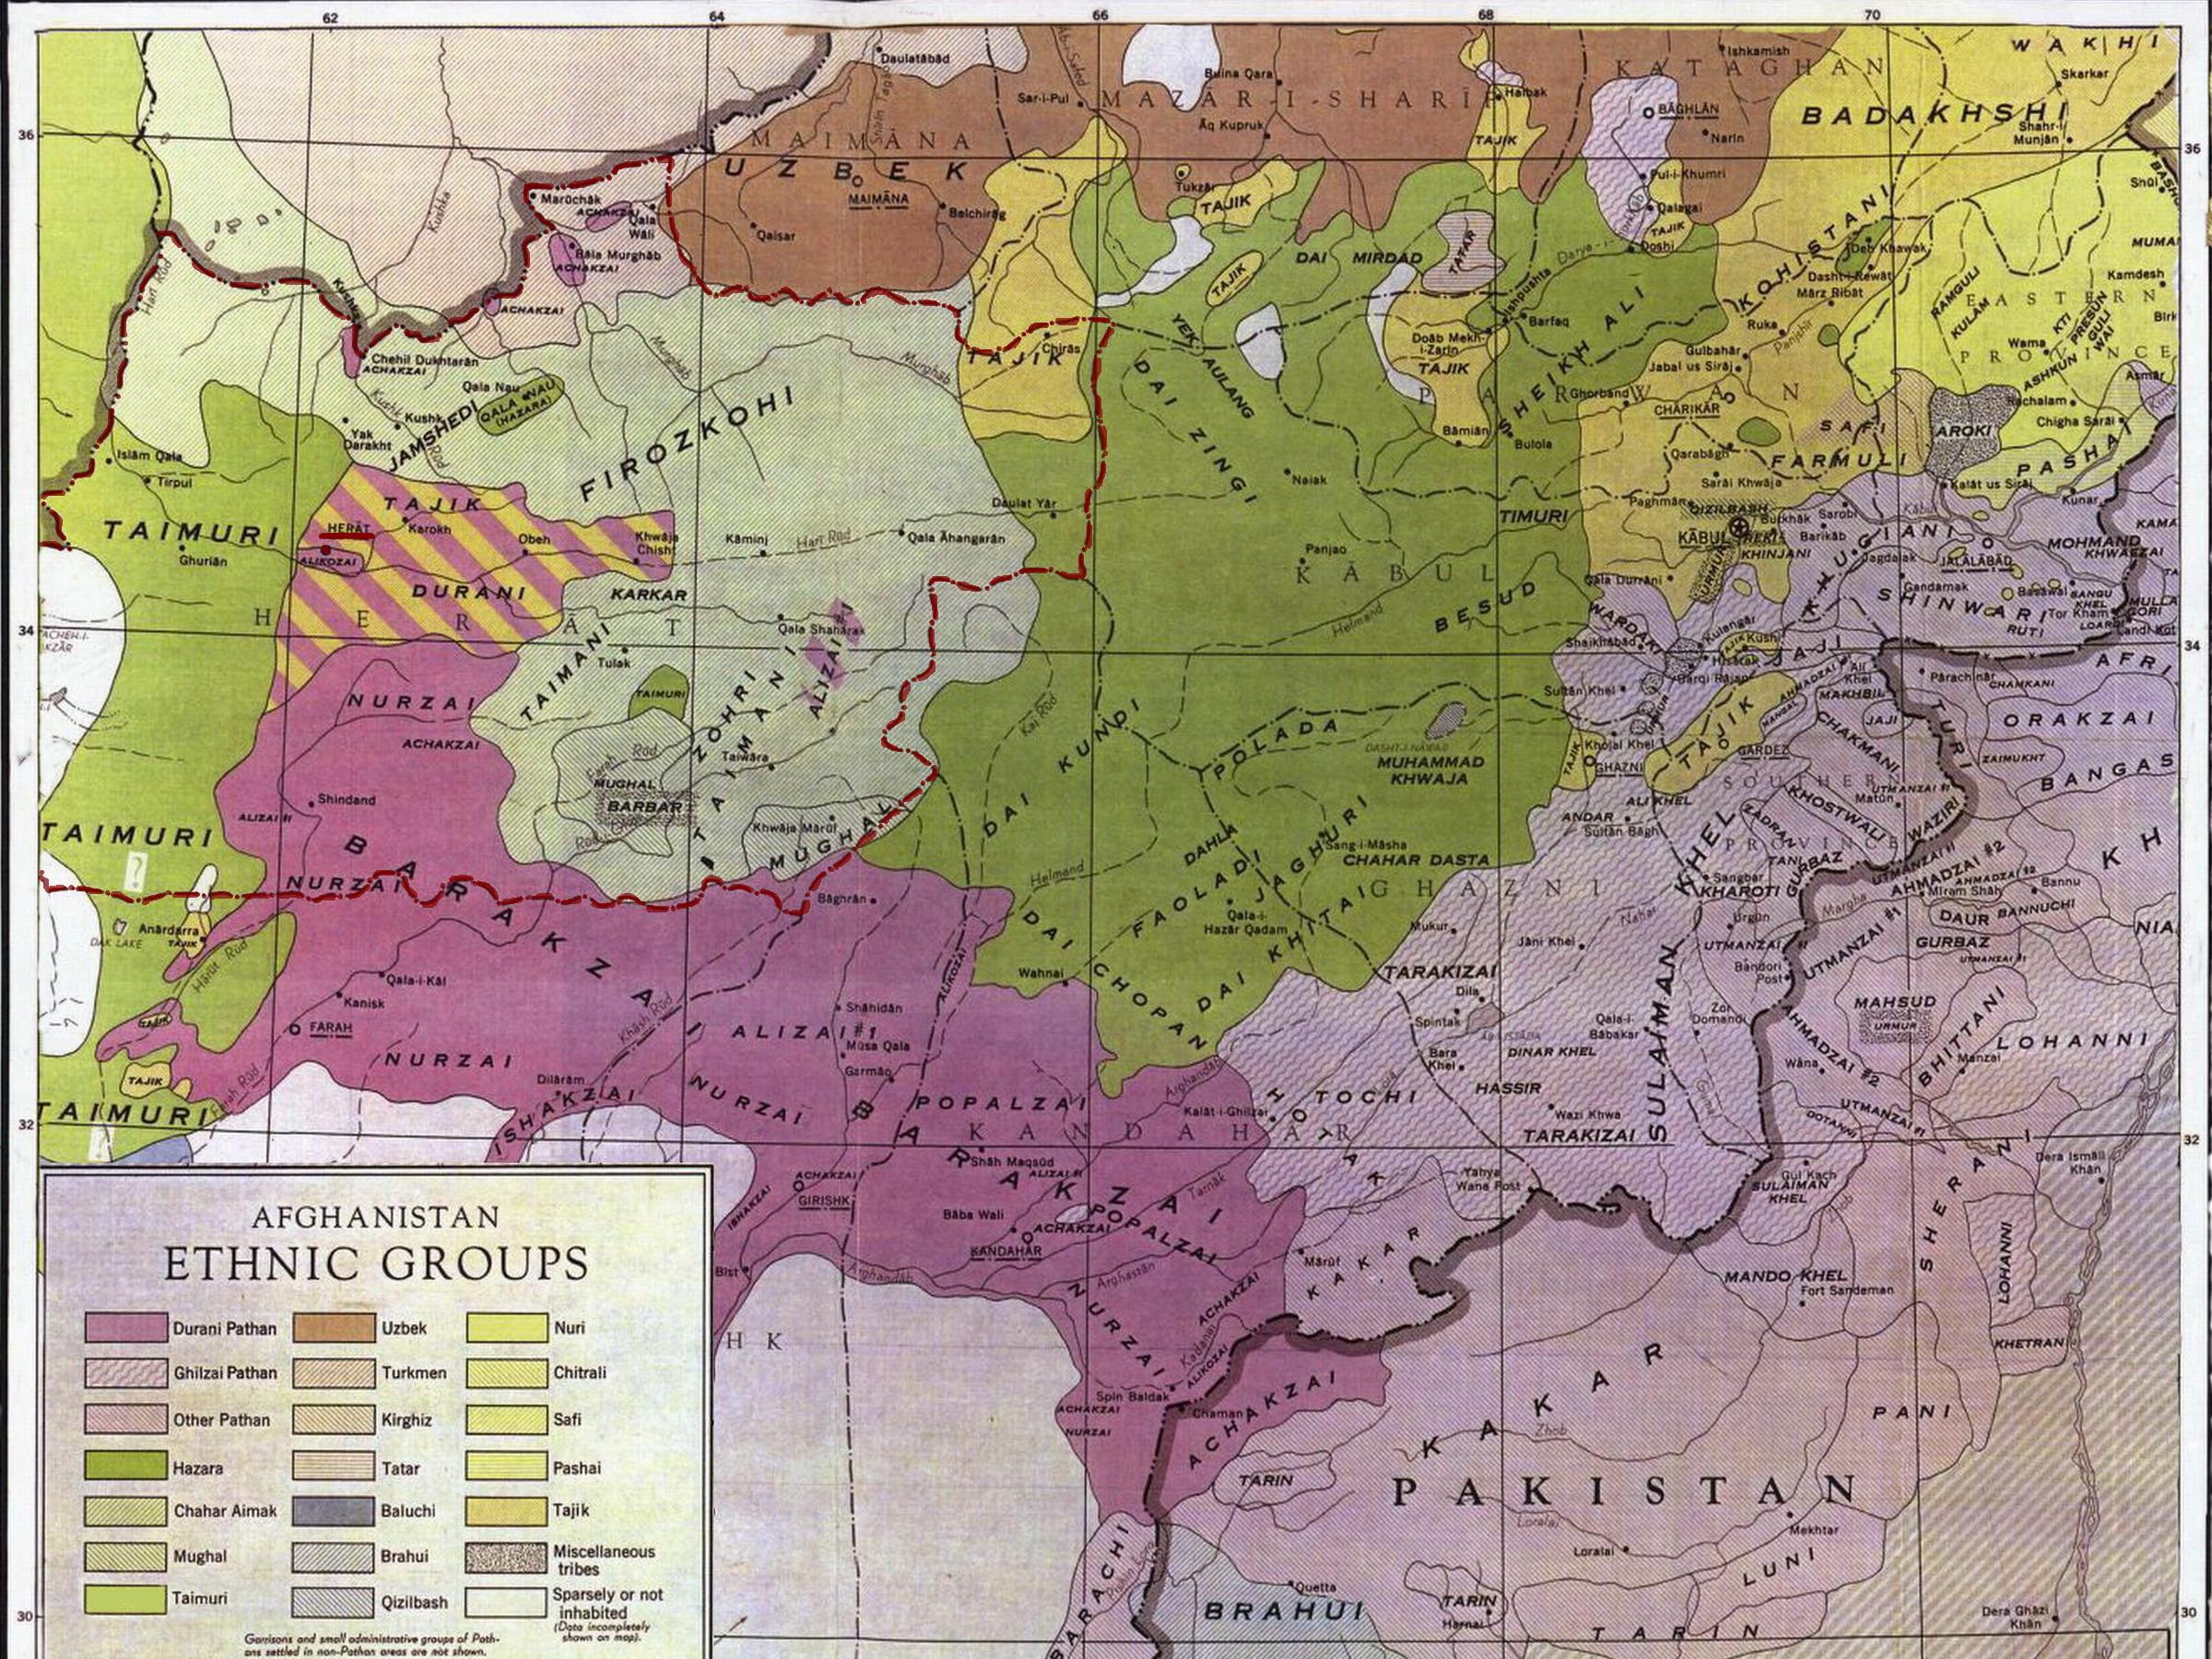 Племена Афганистана